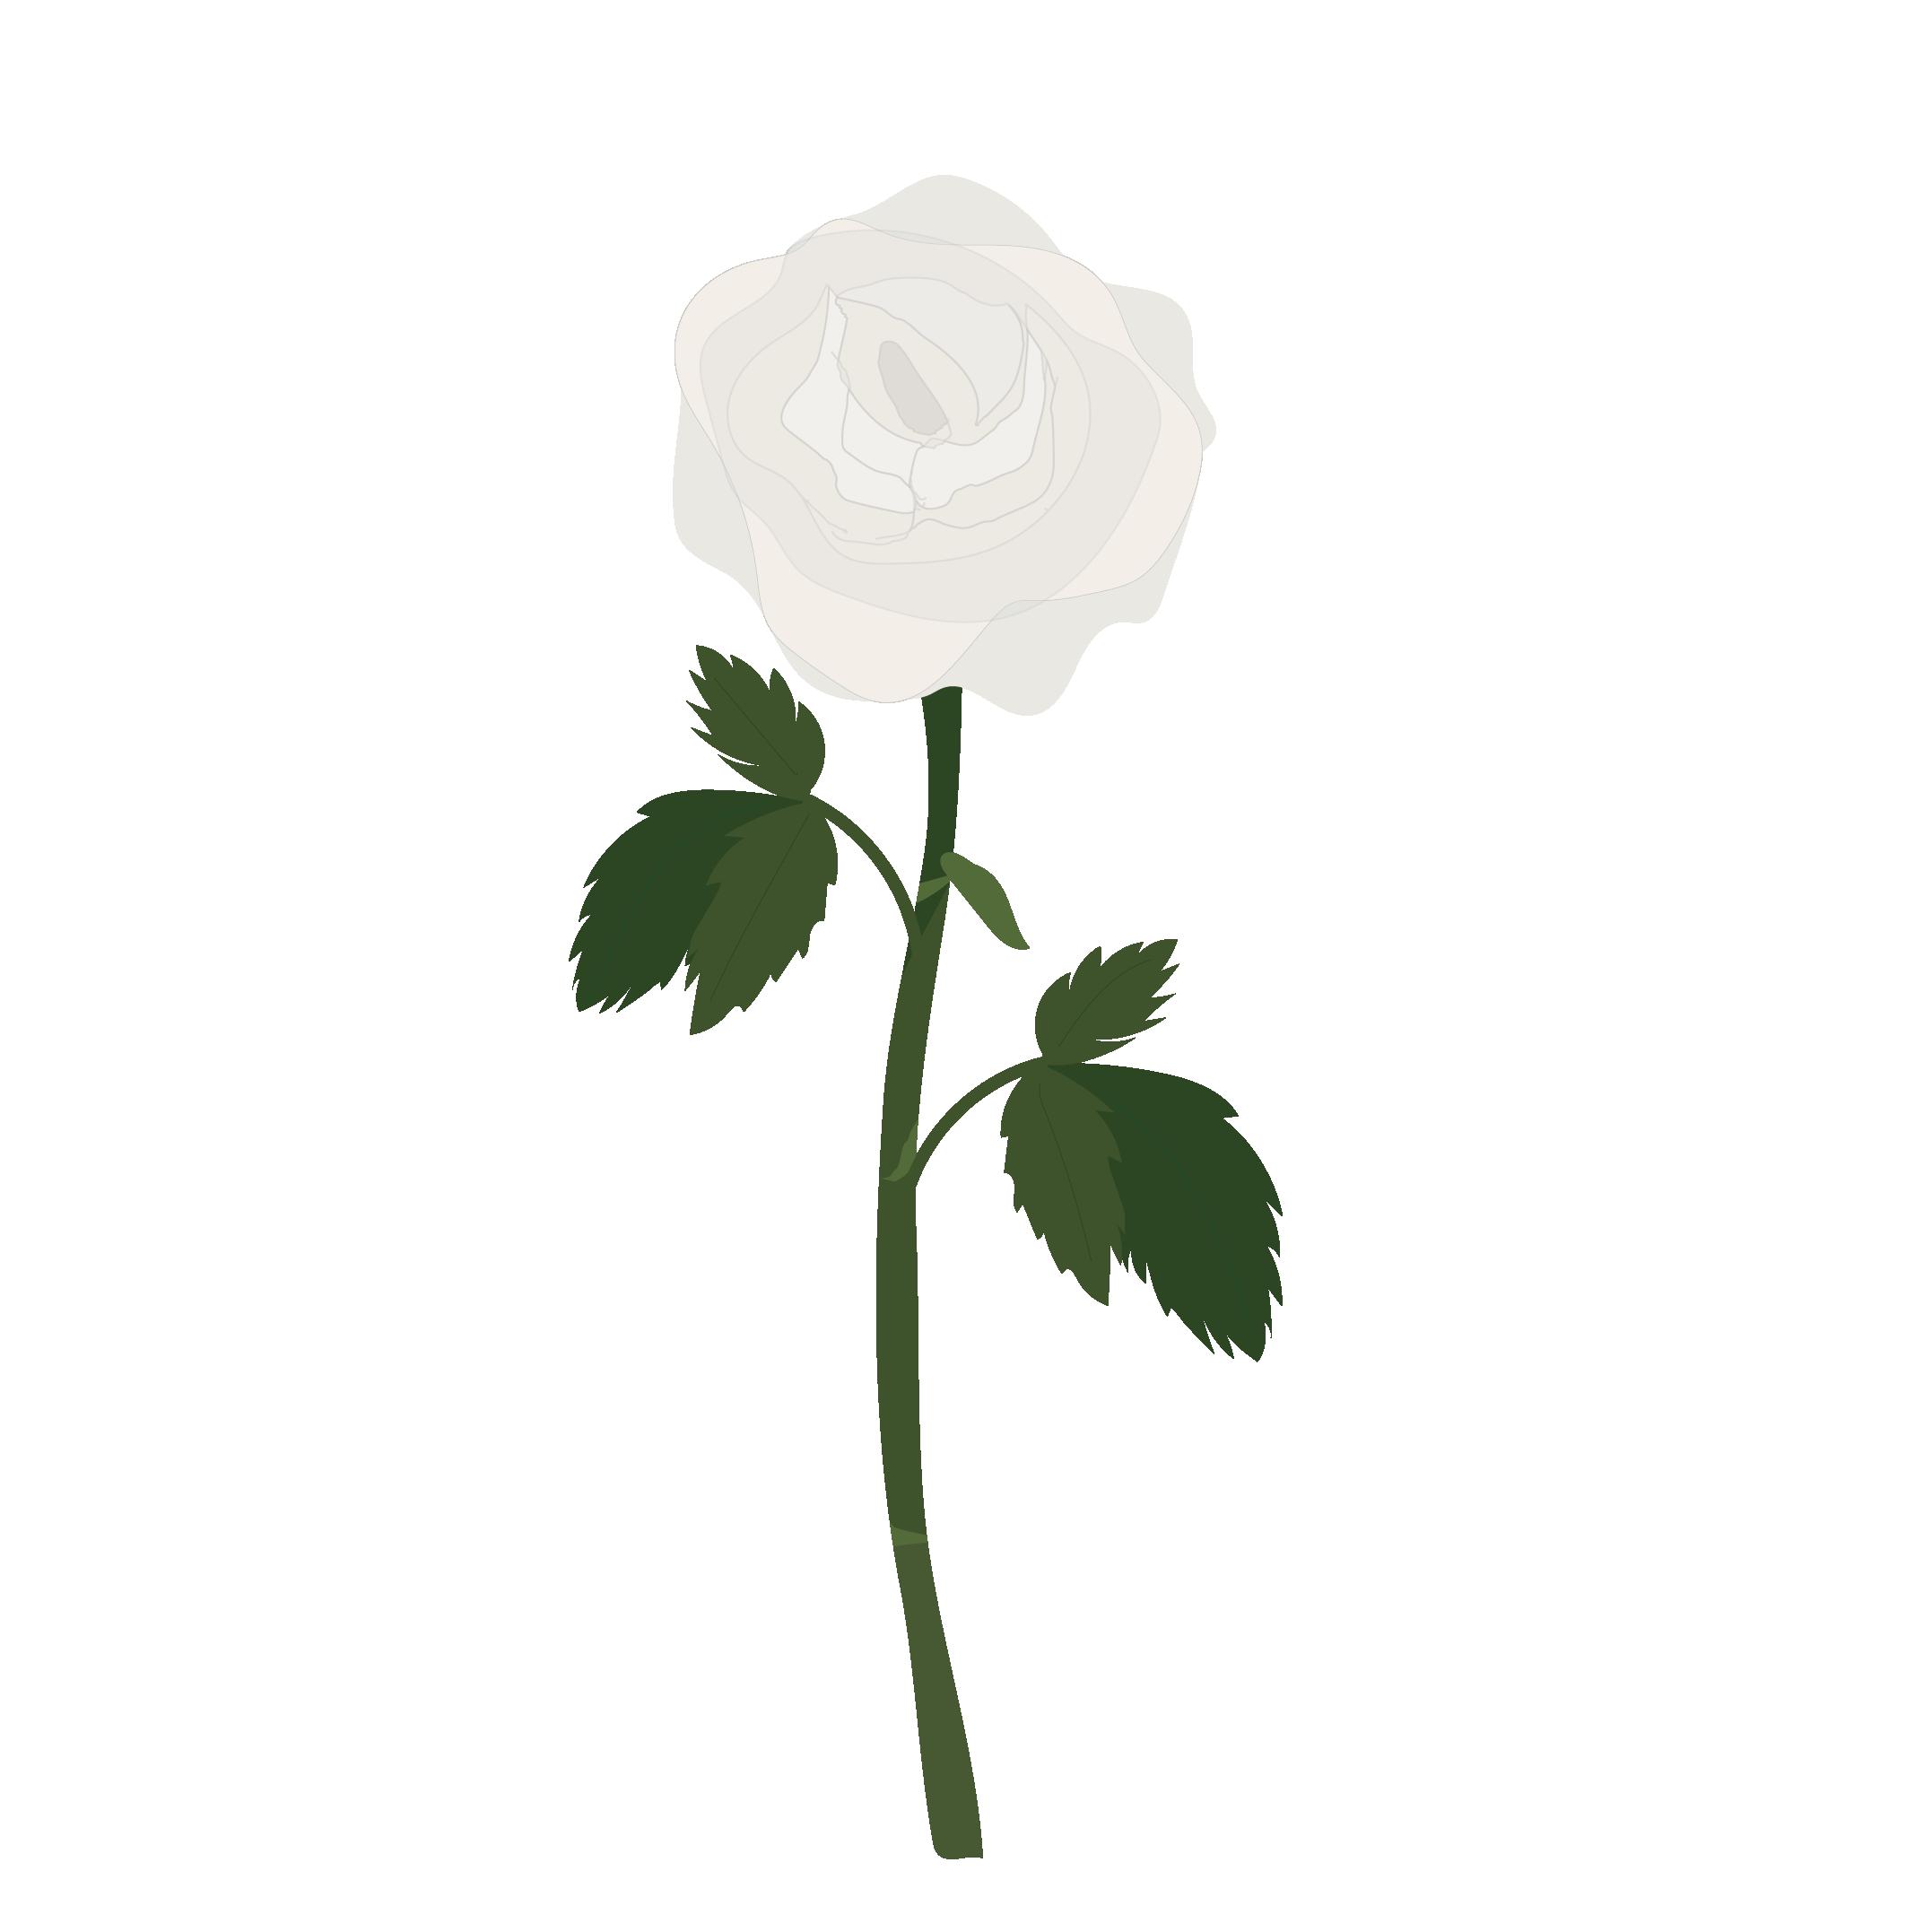 一輪の白い薔薇(ばら・バラ)の フリー イラスト